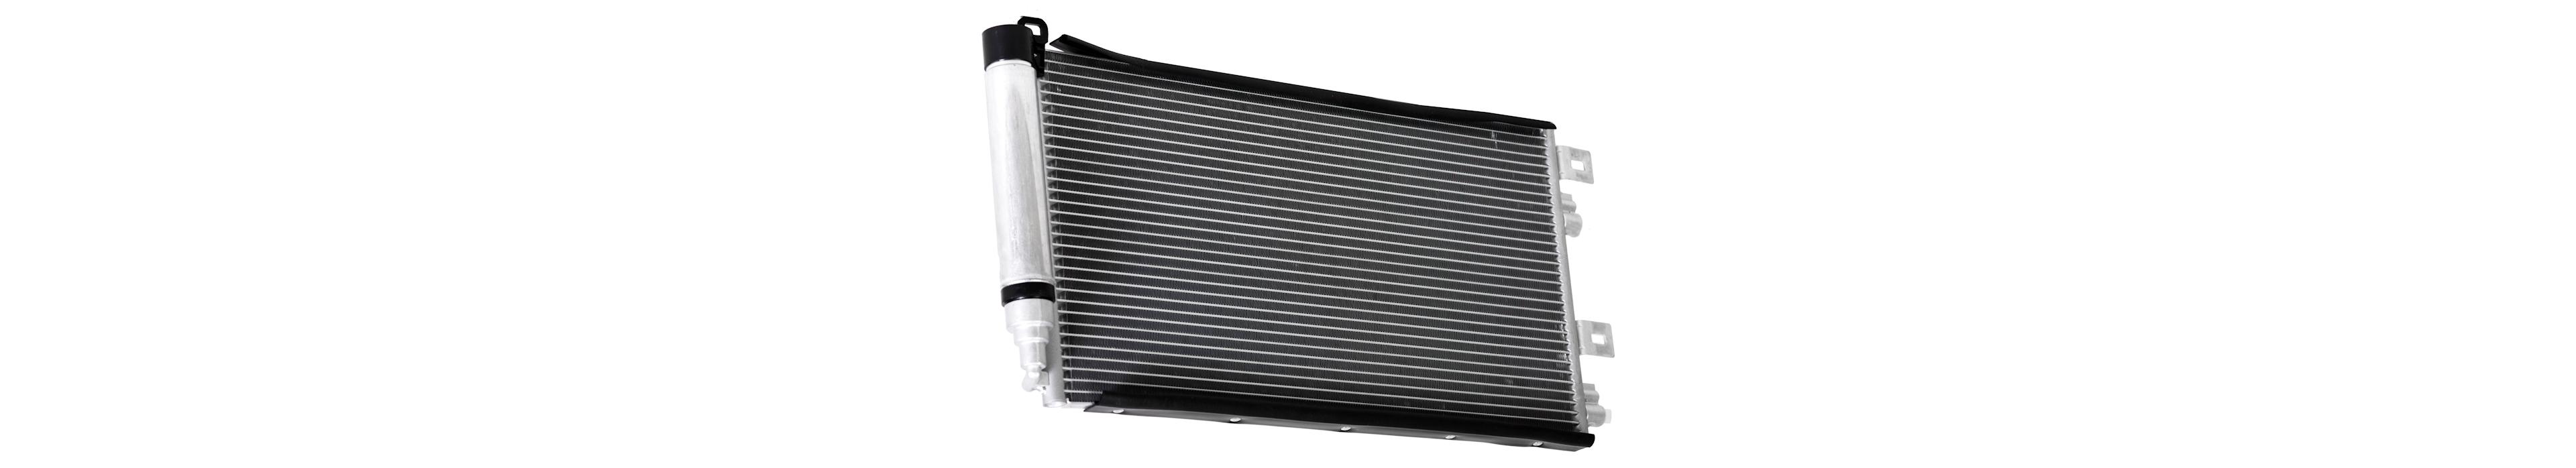 Snel en goedkoop autoairco condensor vervangen www.carcoolsystem.snl